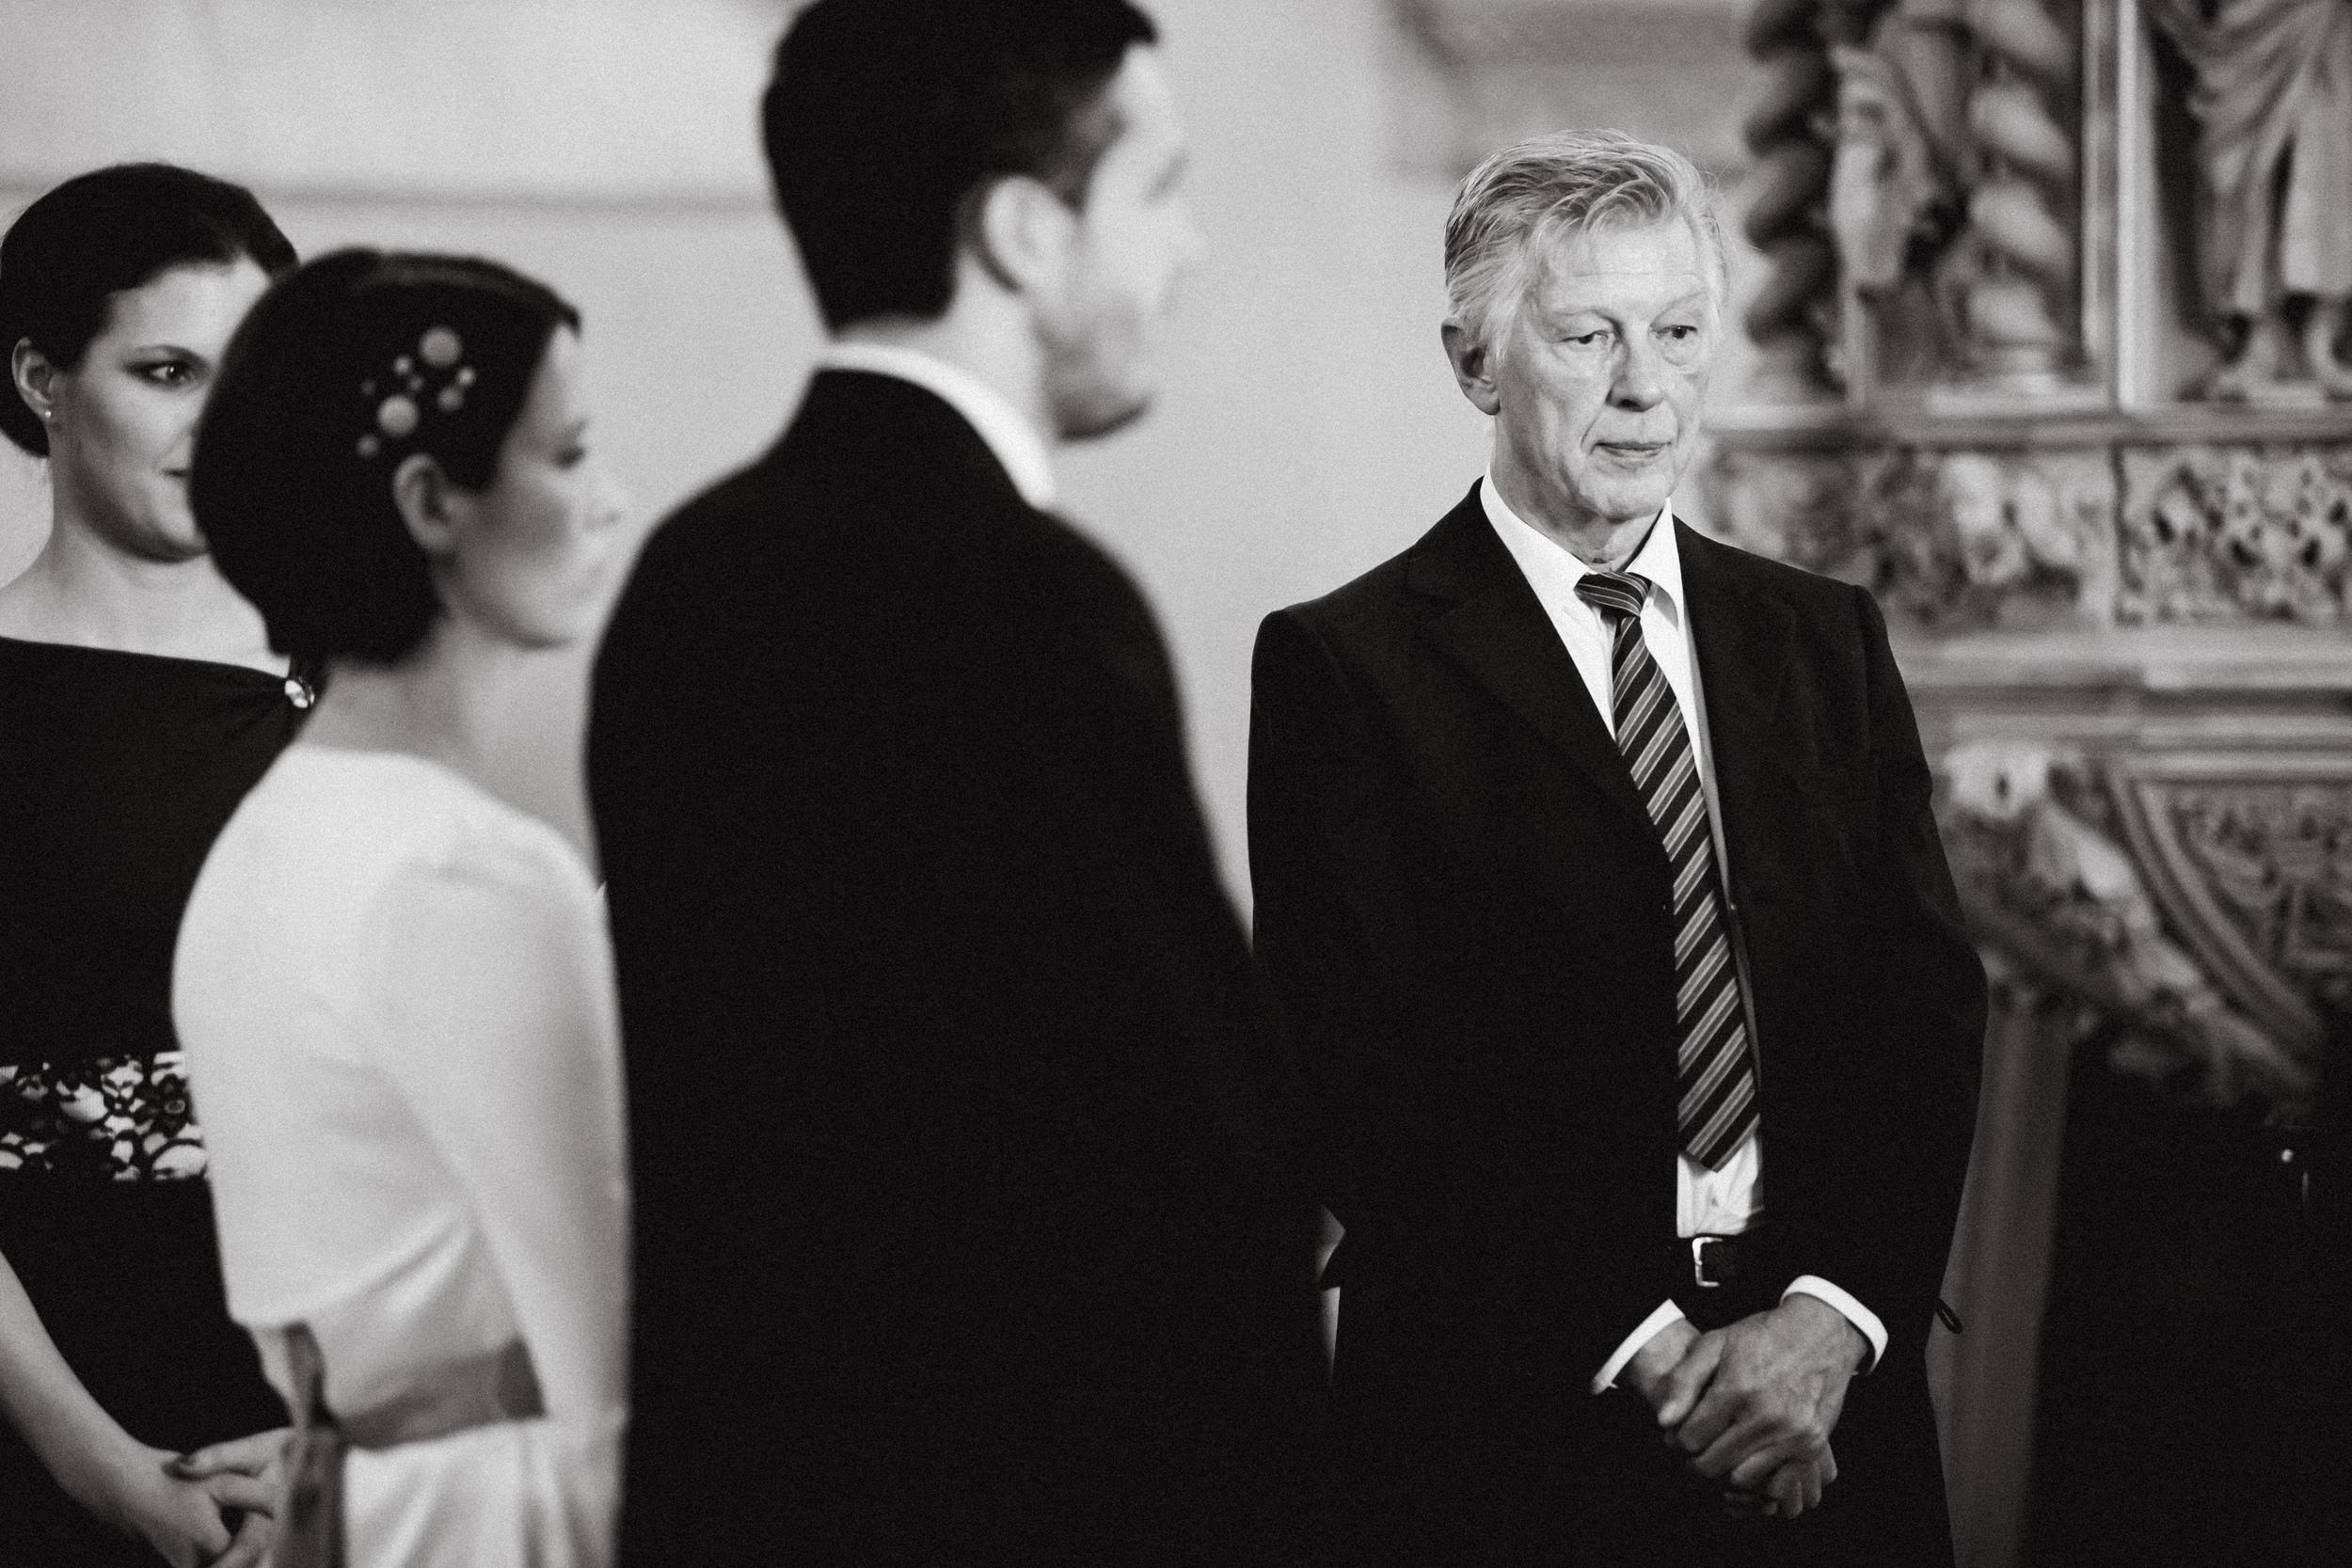 Hochzeit_200sw.jpg